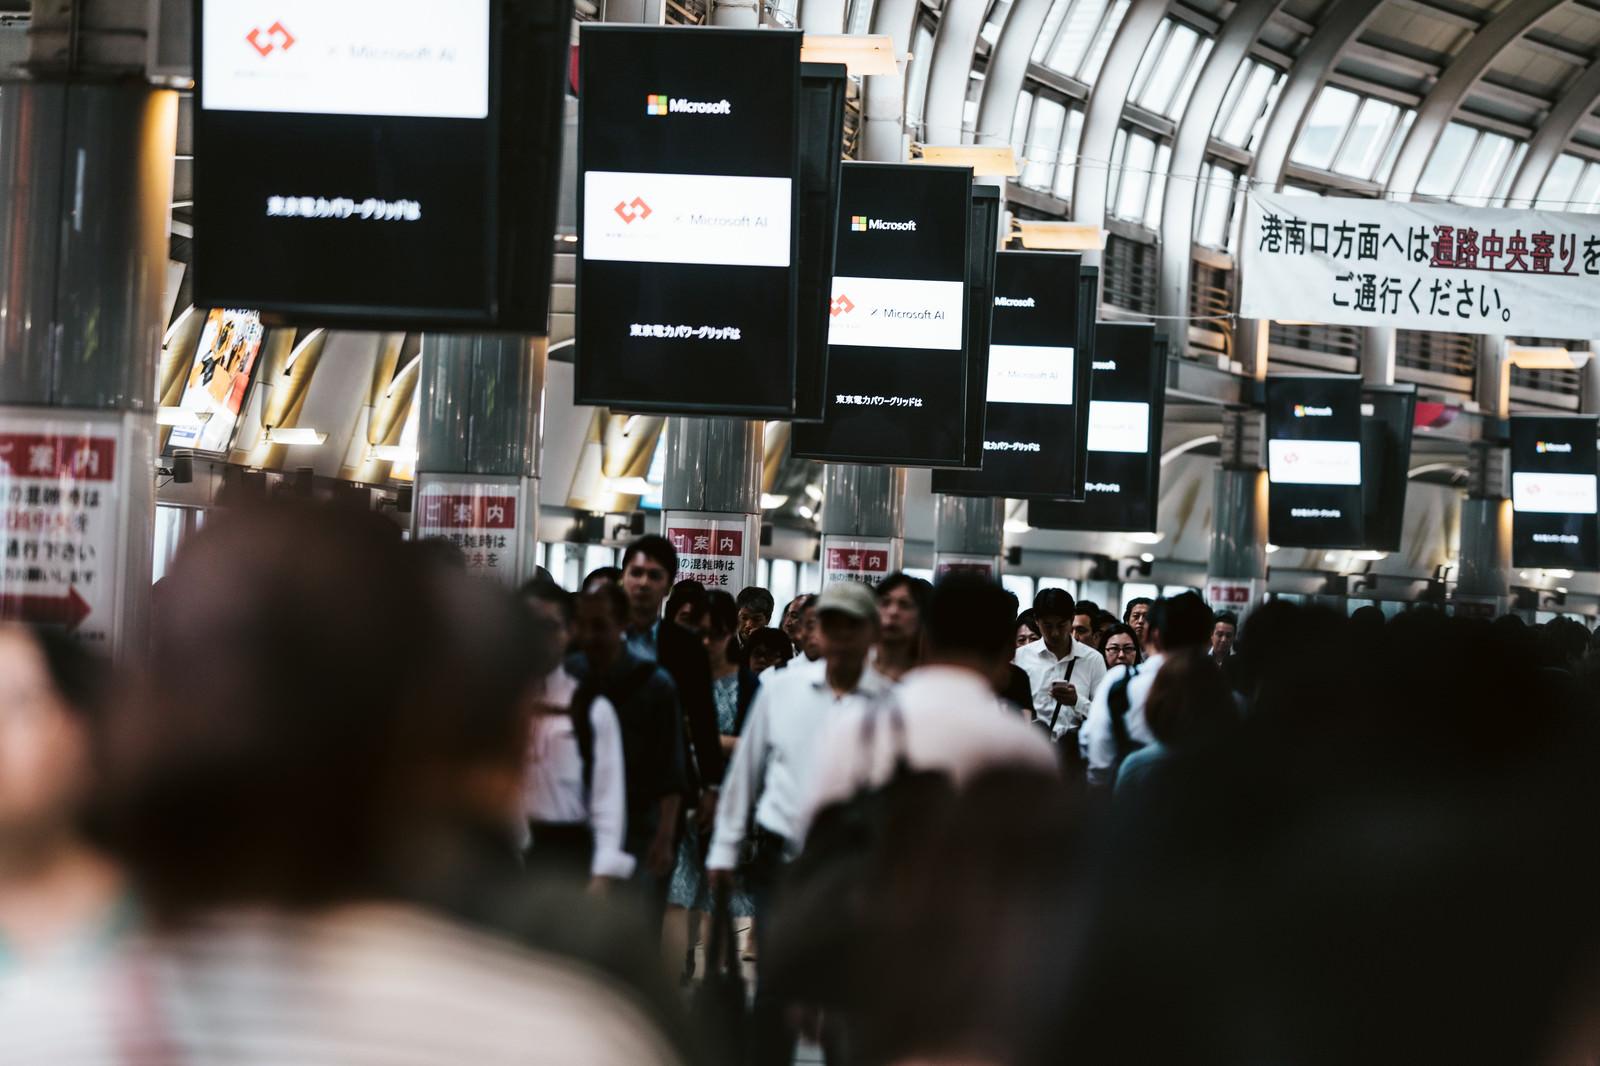 「品川駅の自由通路に並ぶディスプレイ」の写真